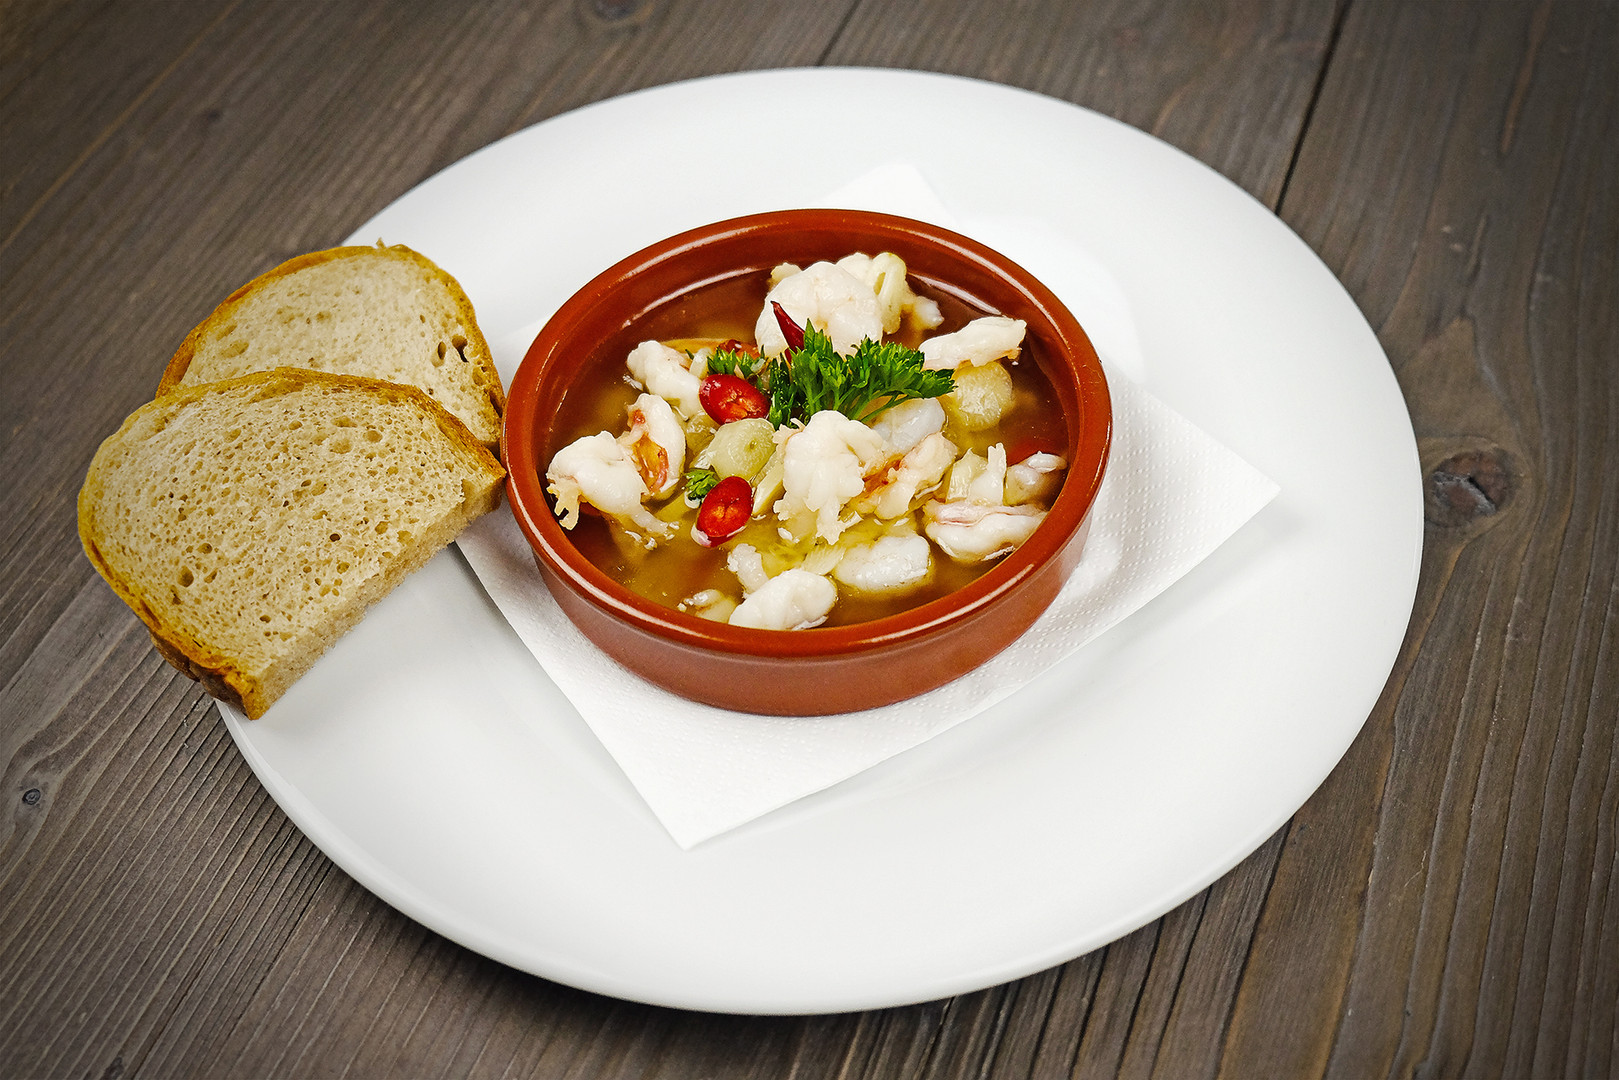 Tigrie krevety na olivovom oleji s cesnakom a chilli papričkou